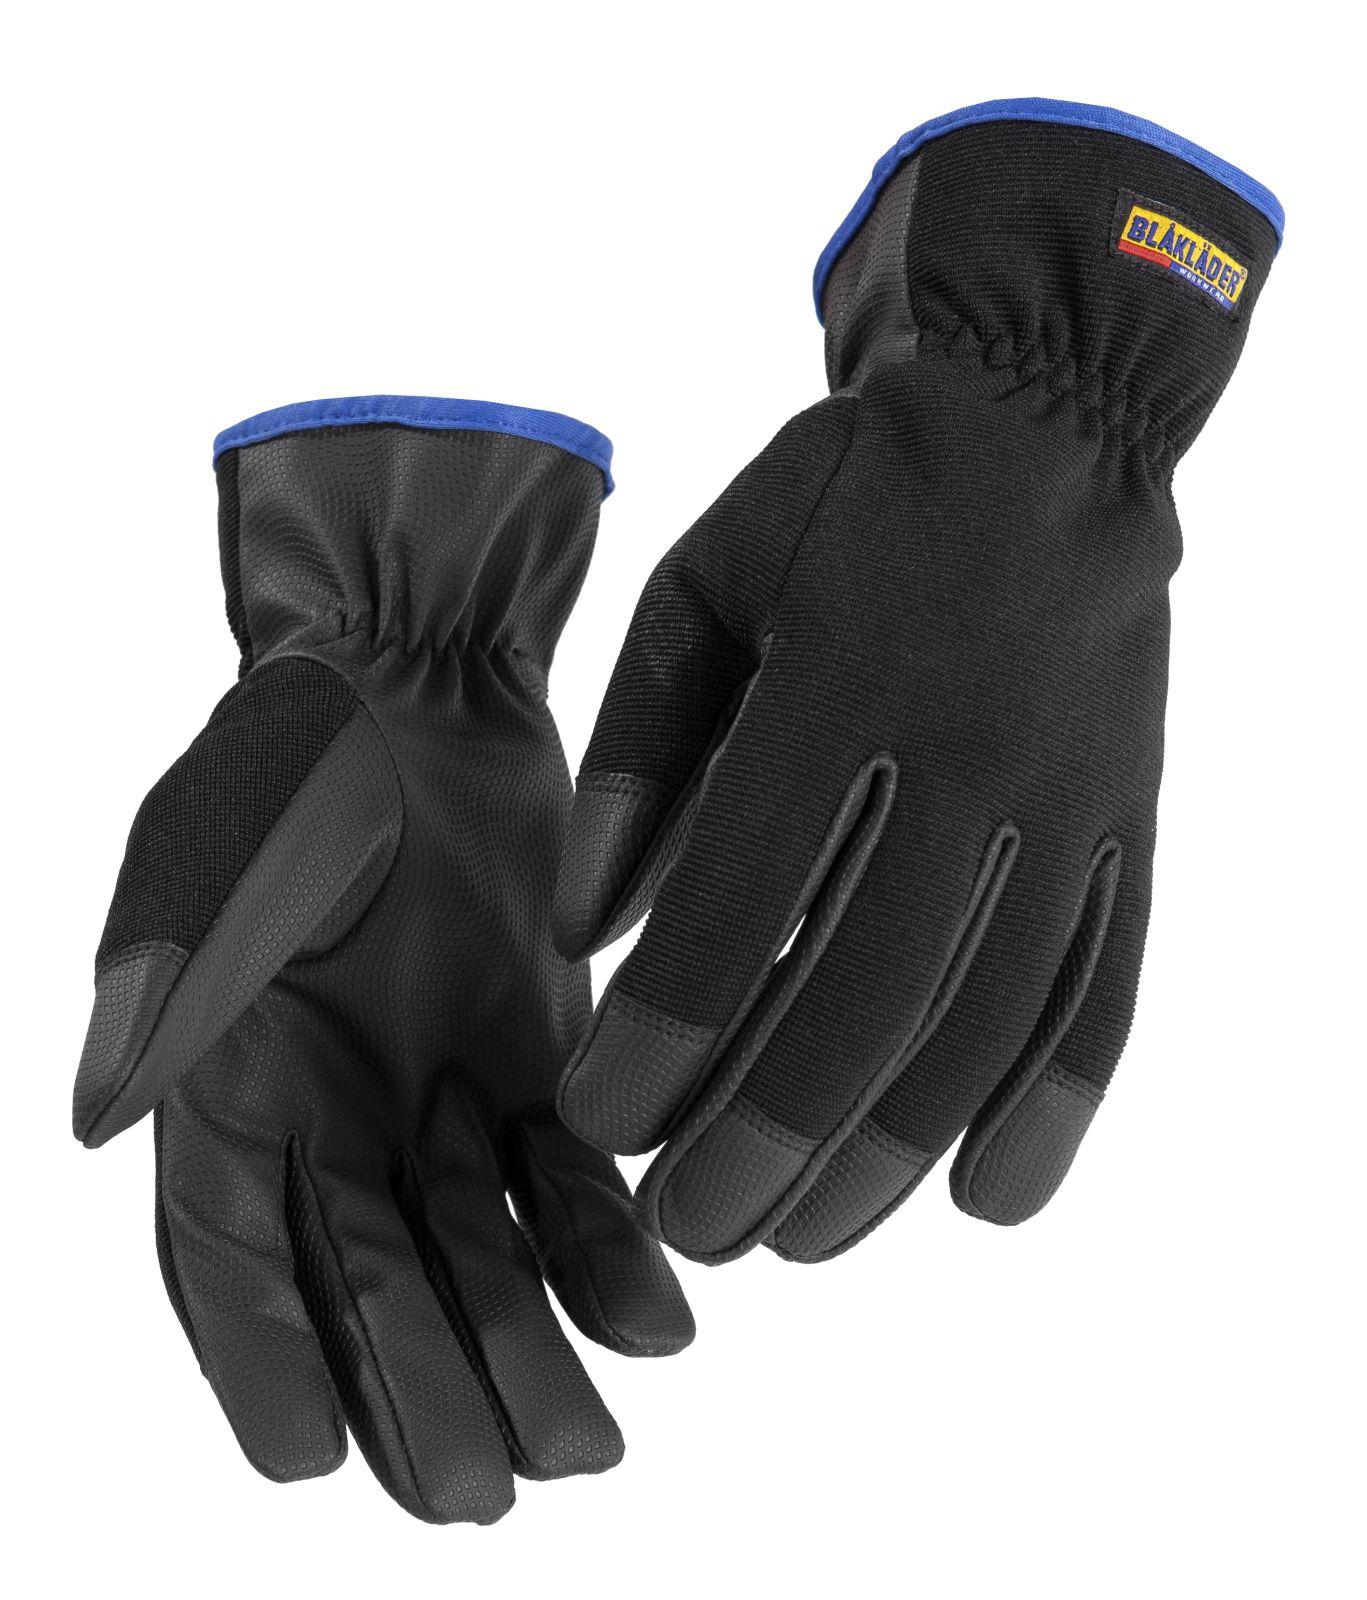 Blaklader Werkhandschoenen 22653942 zwart(9900)